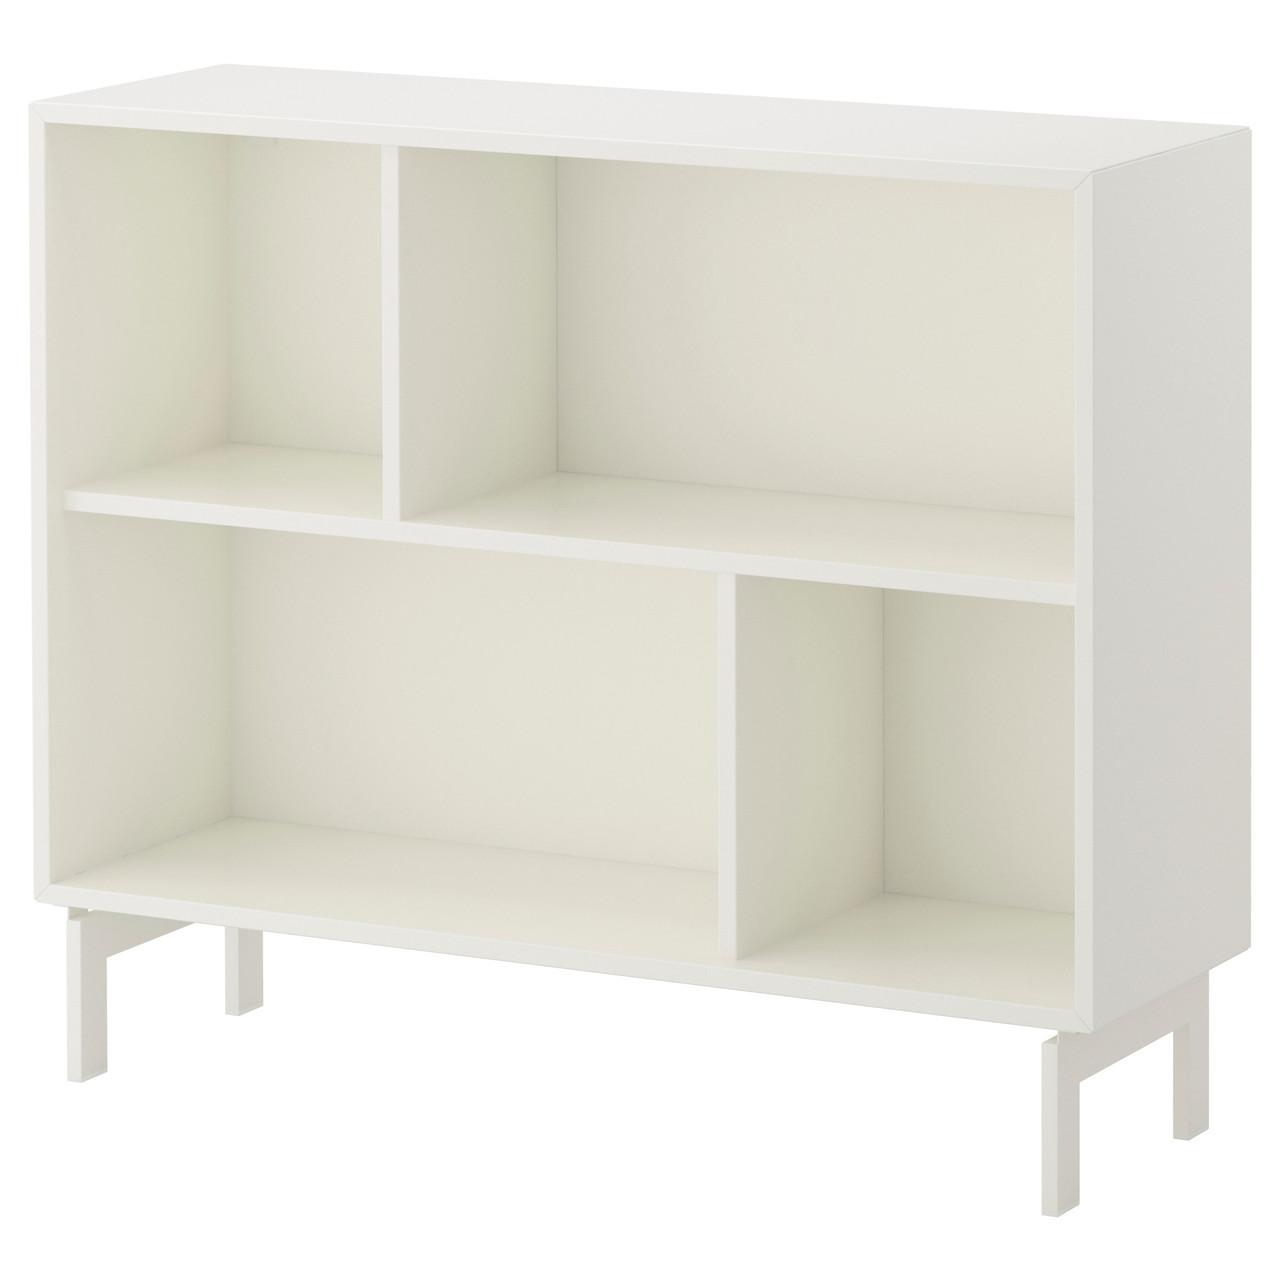 VALJE Стеллаж, белый - DOM-IKEA - Интернет-магазин мебели и товаров ИКЕА (IKEA) в Украине в Киеве